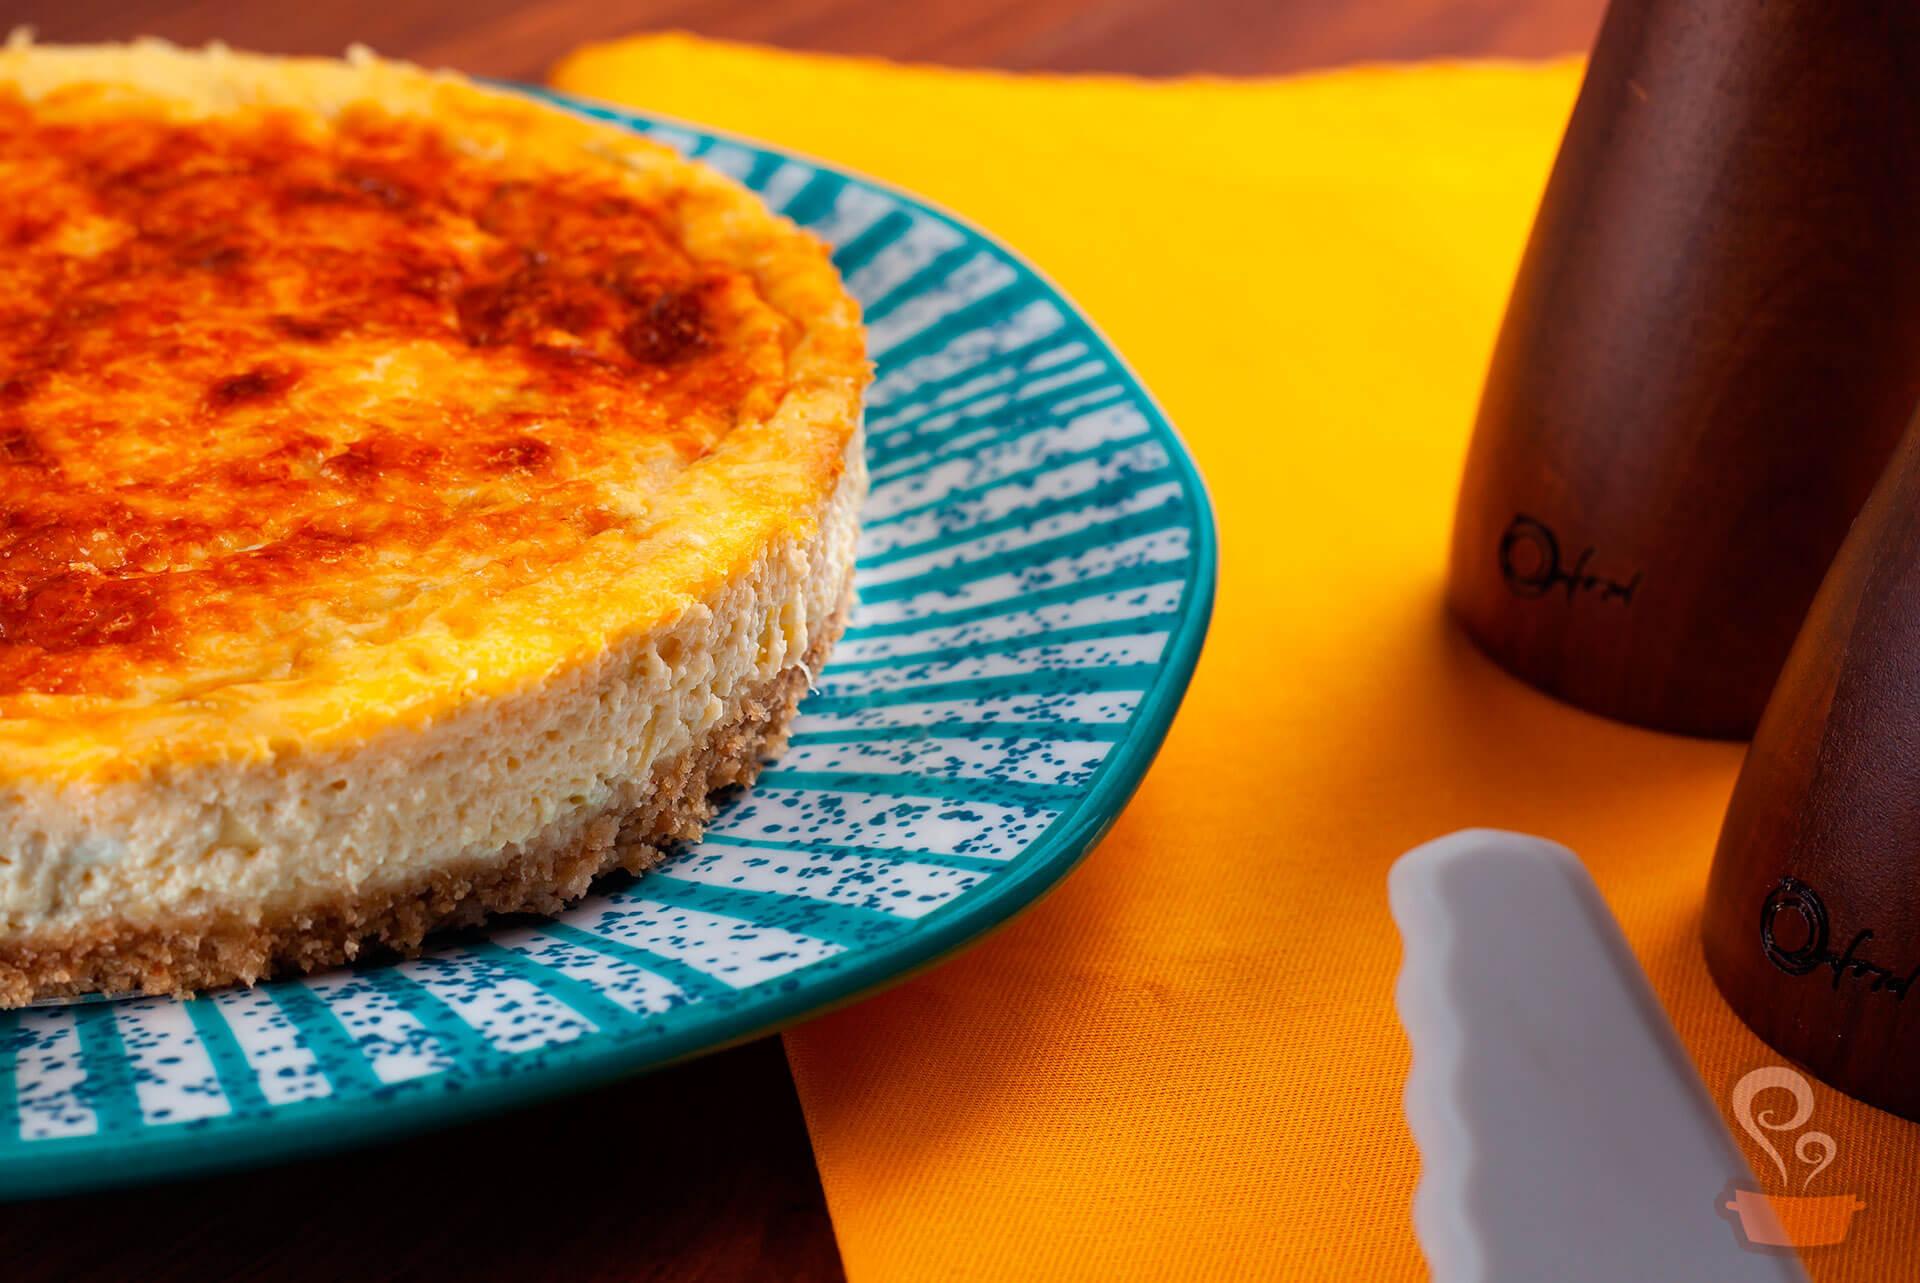 Imagem: Receita de cheesecake salgado com recheio de queijos. Foto: Na Minha Panela